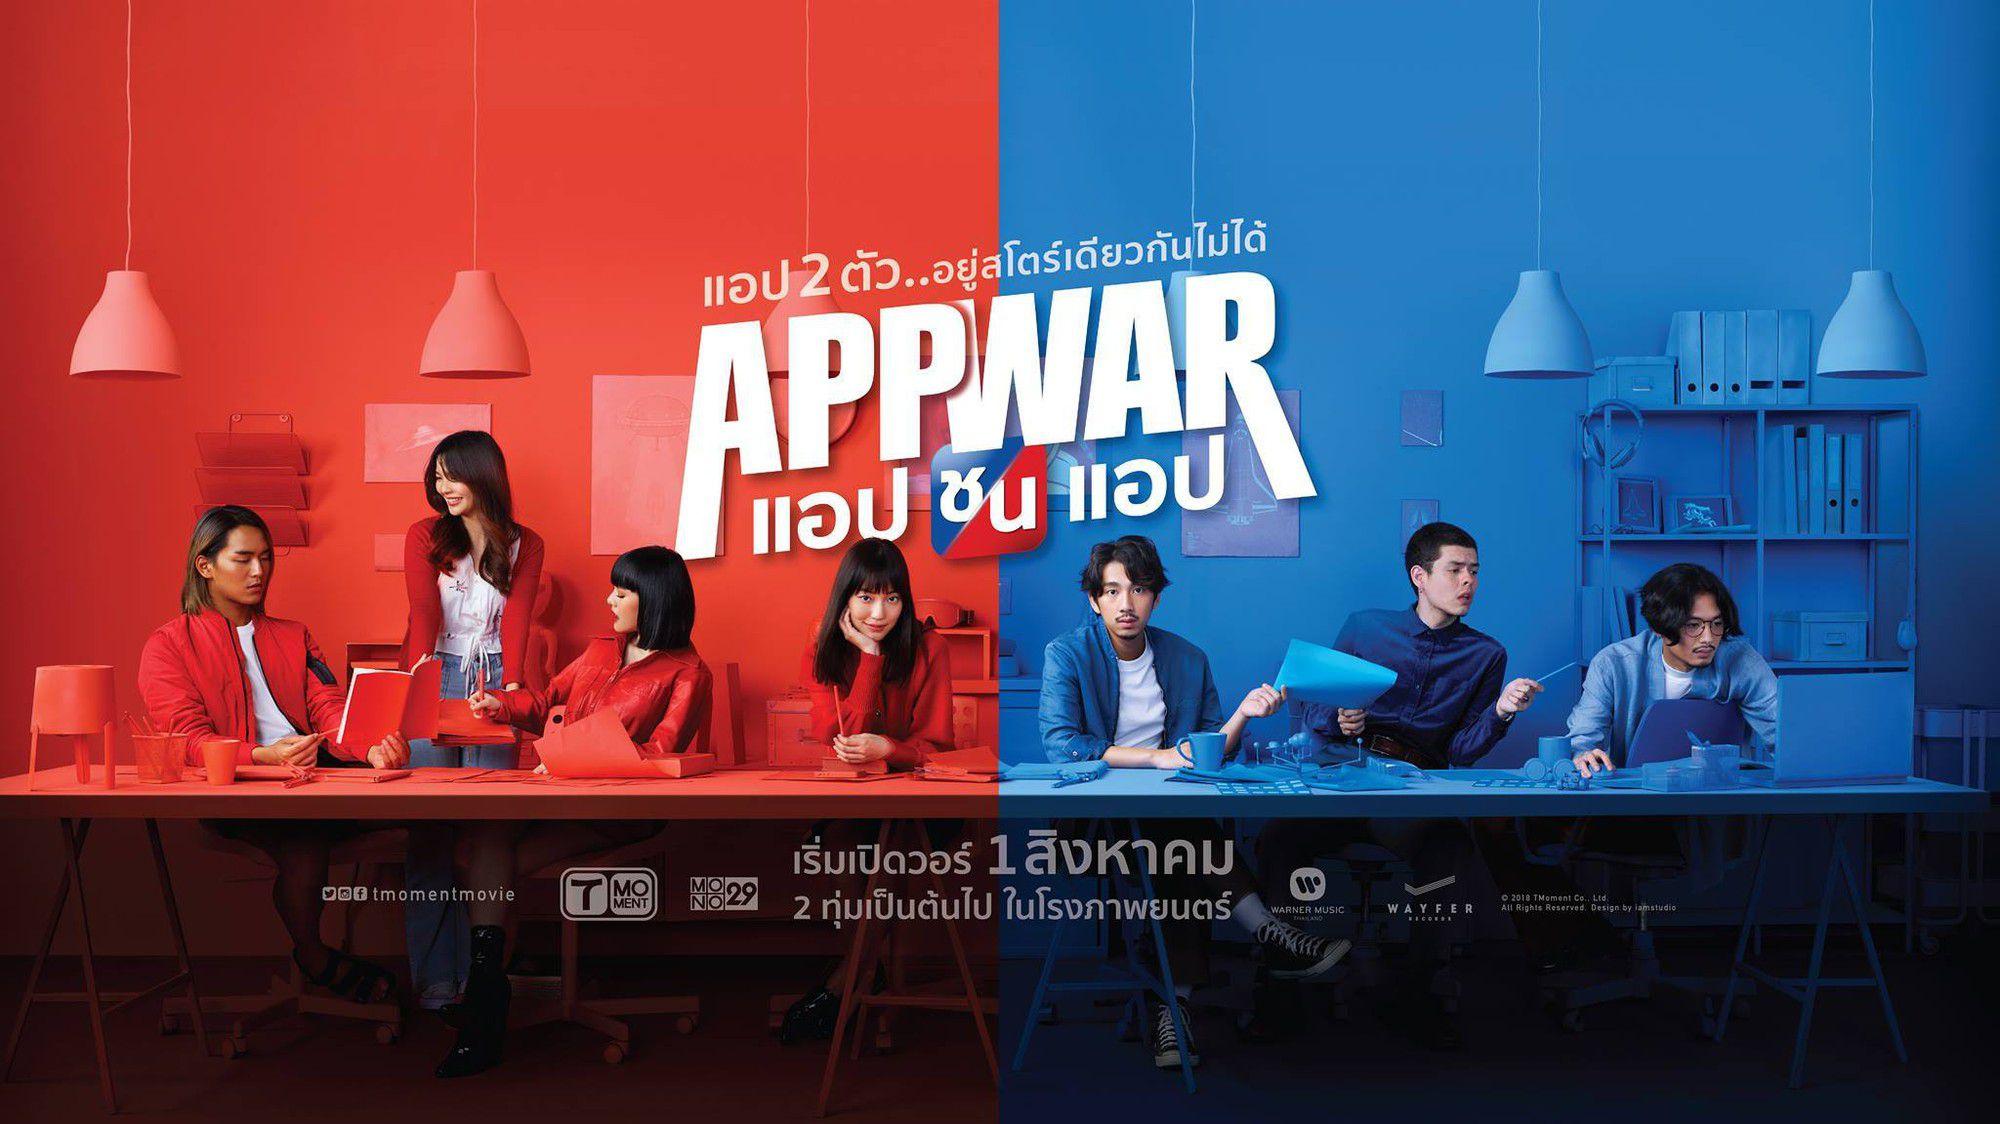 App War: Phim điện ảnh Thái Lan hay về khởi nghiệp của người trẻ (1)